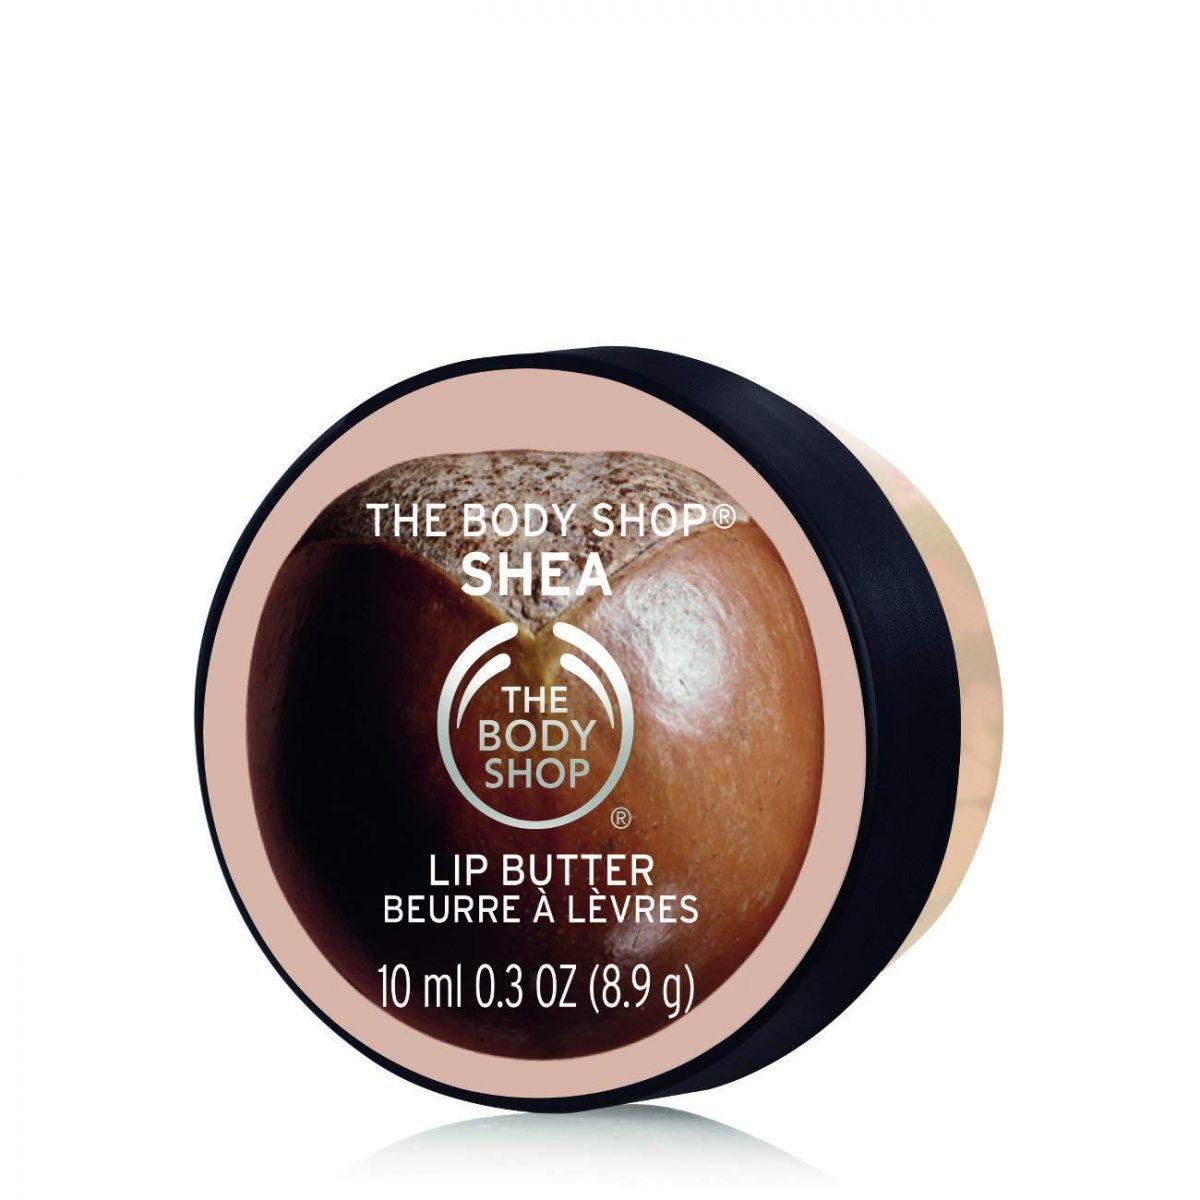 The Body Shop Lip Butter Shea